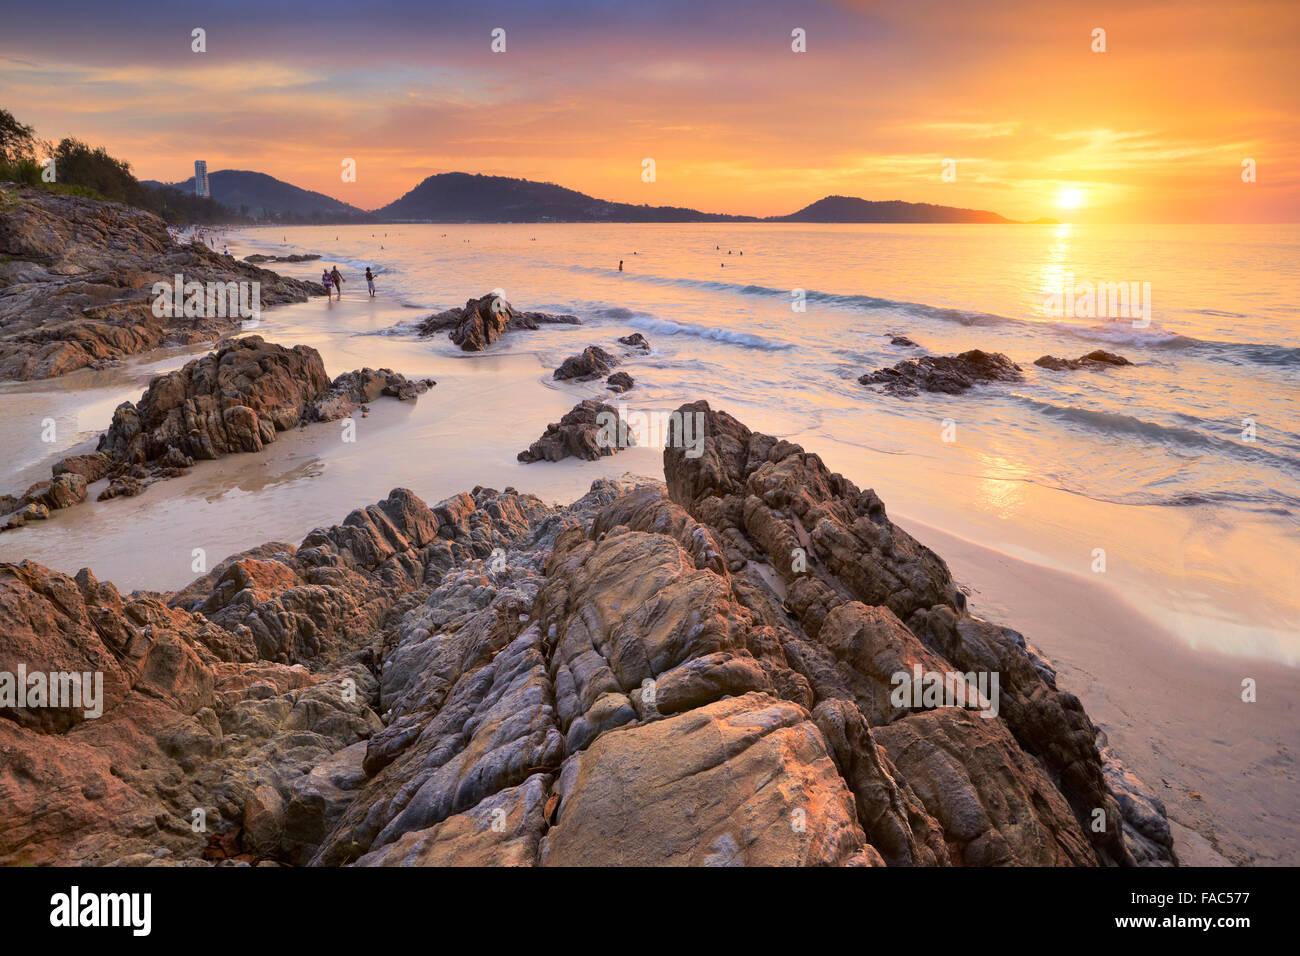 Thaïlande - l'île de Phuket, Patong Beach tropical à l'heure du coucher de soleil. Photo Stock